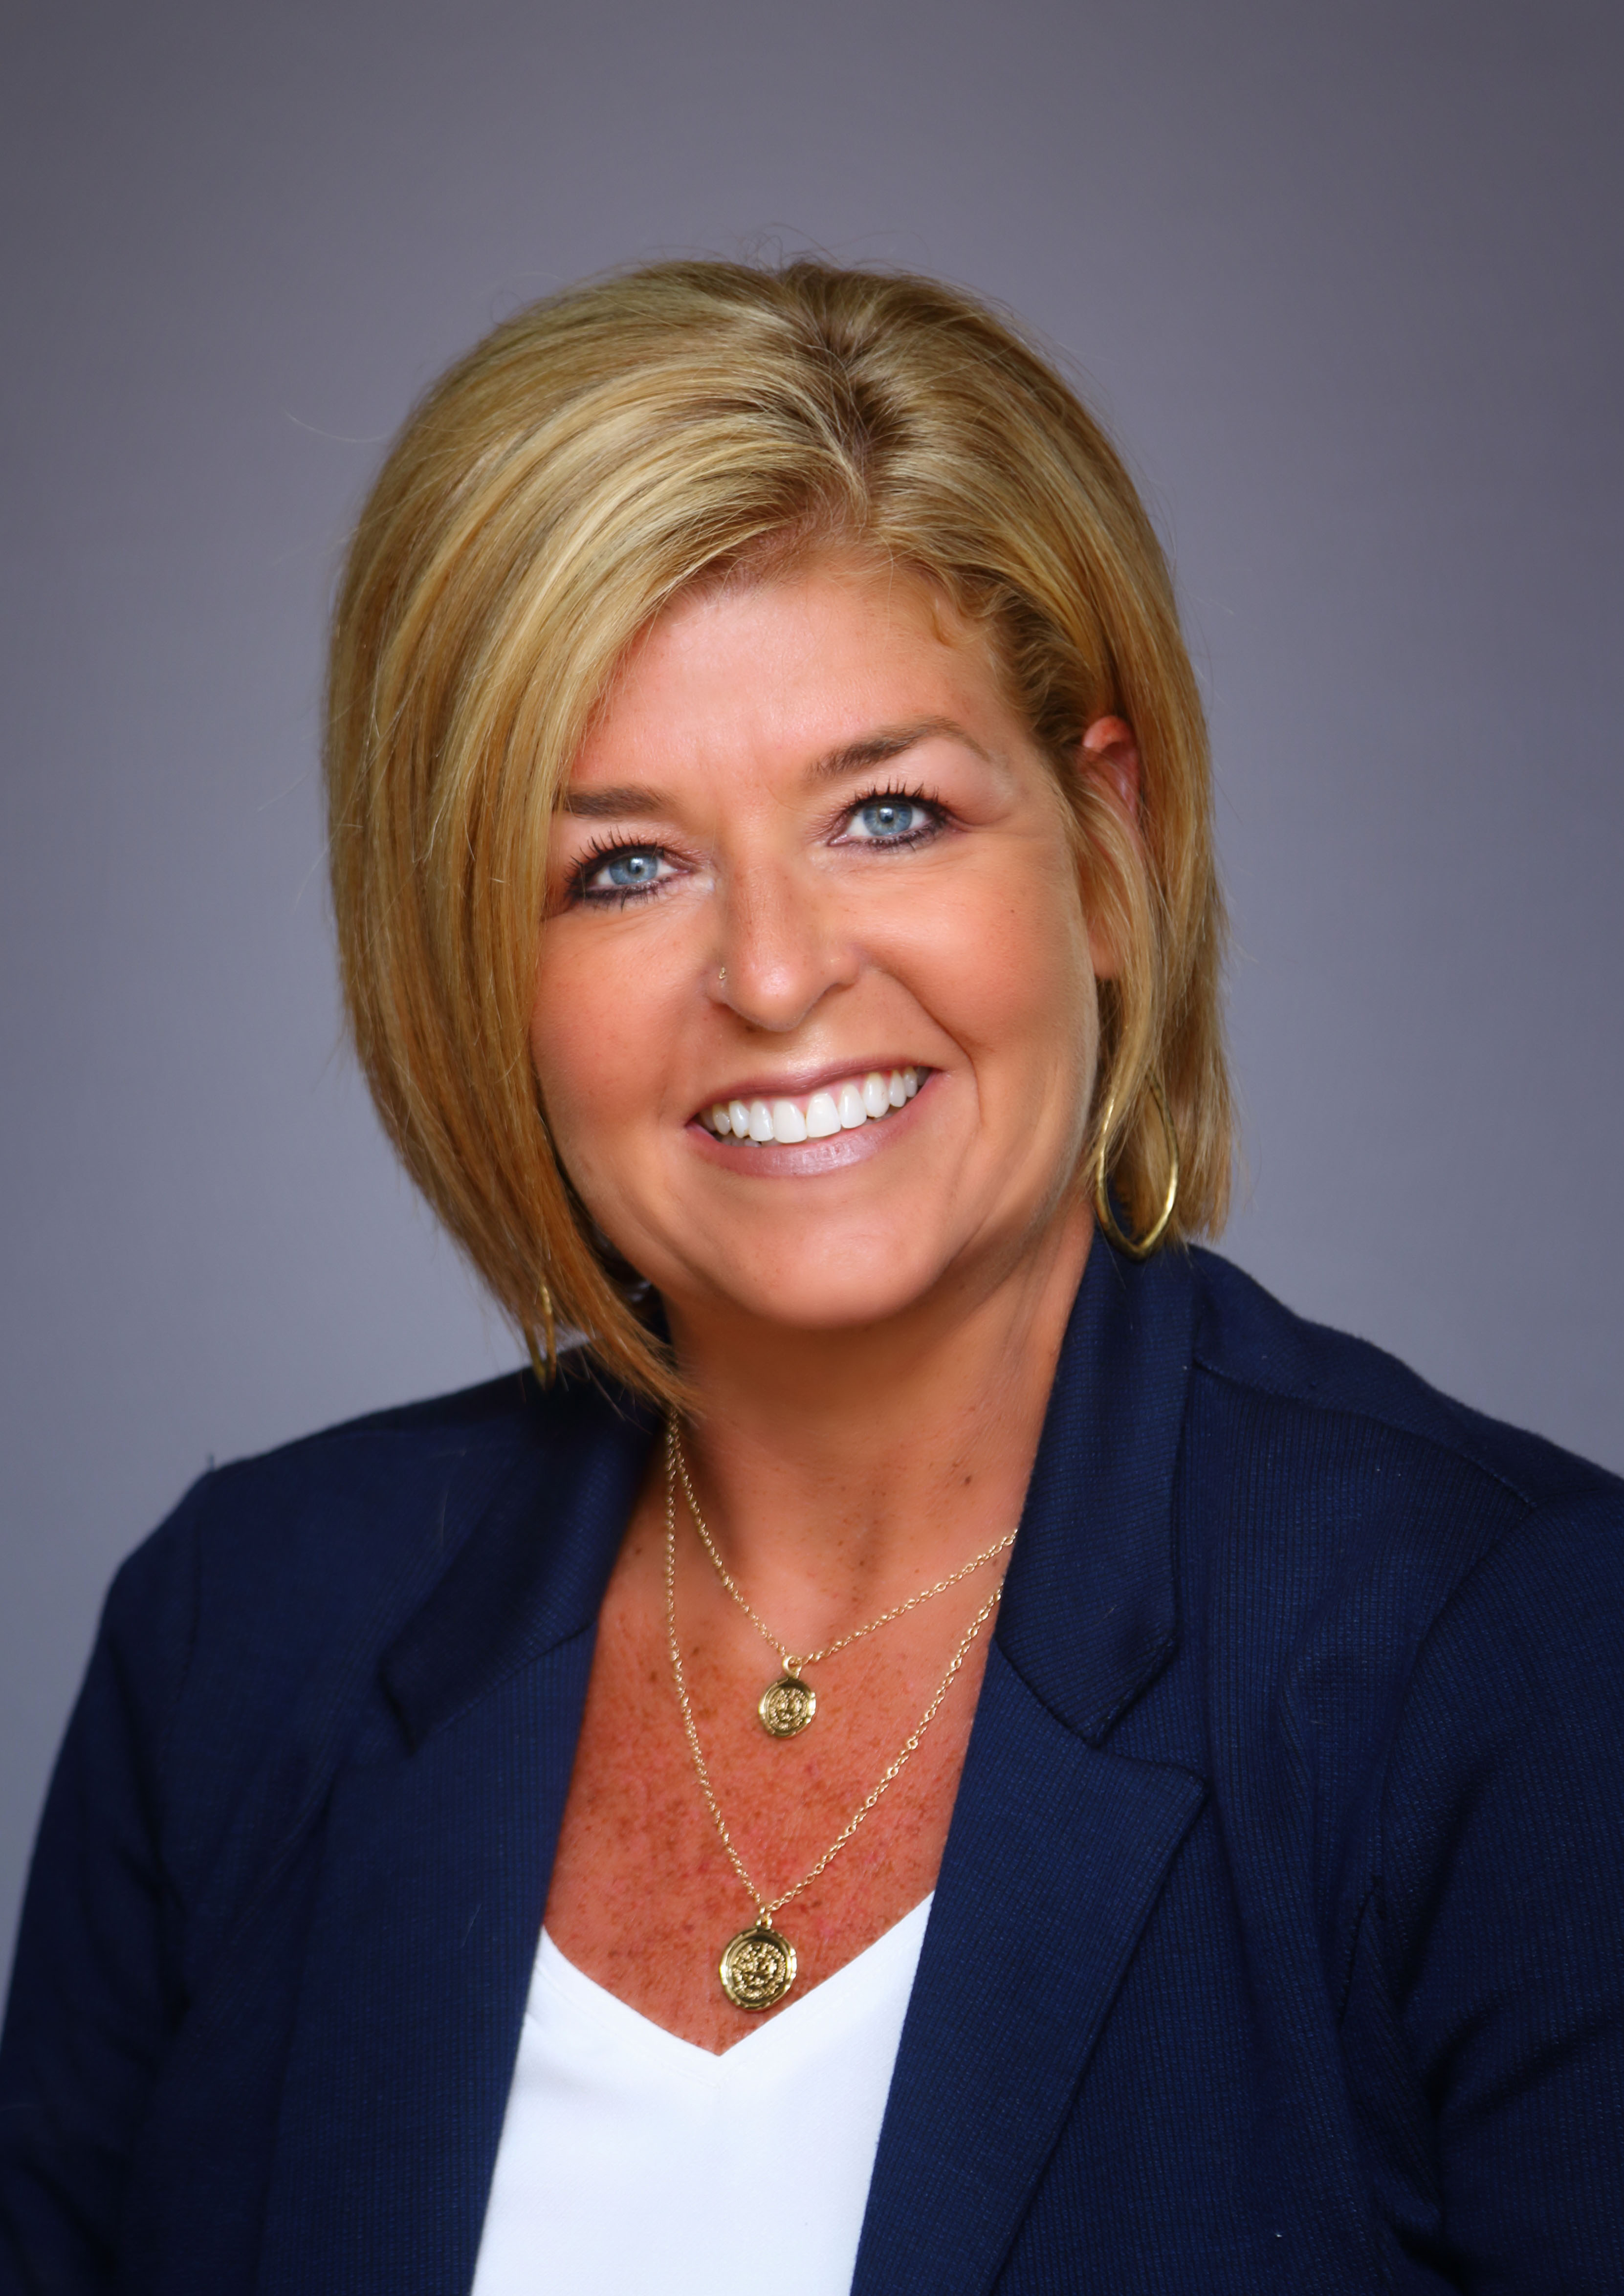 Beth Kreakie